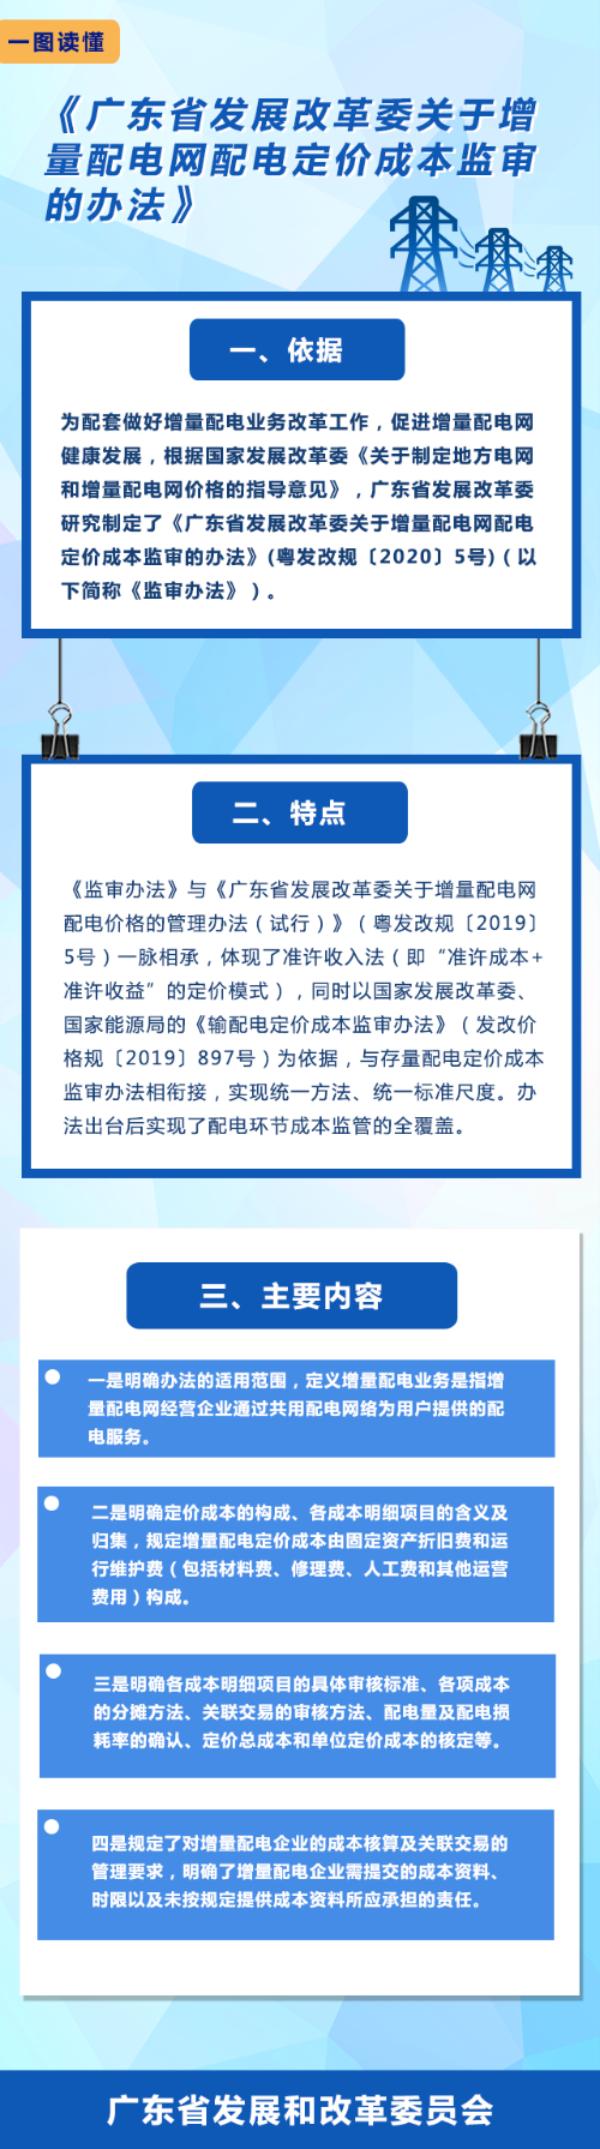 增量配电政策图解.png